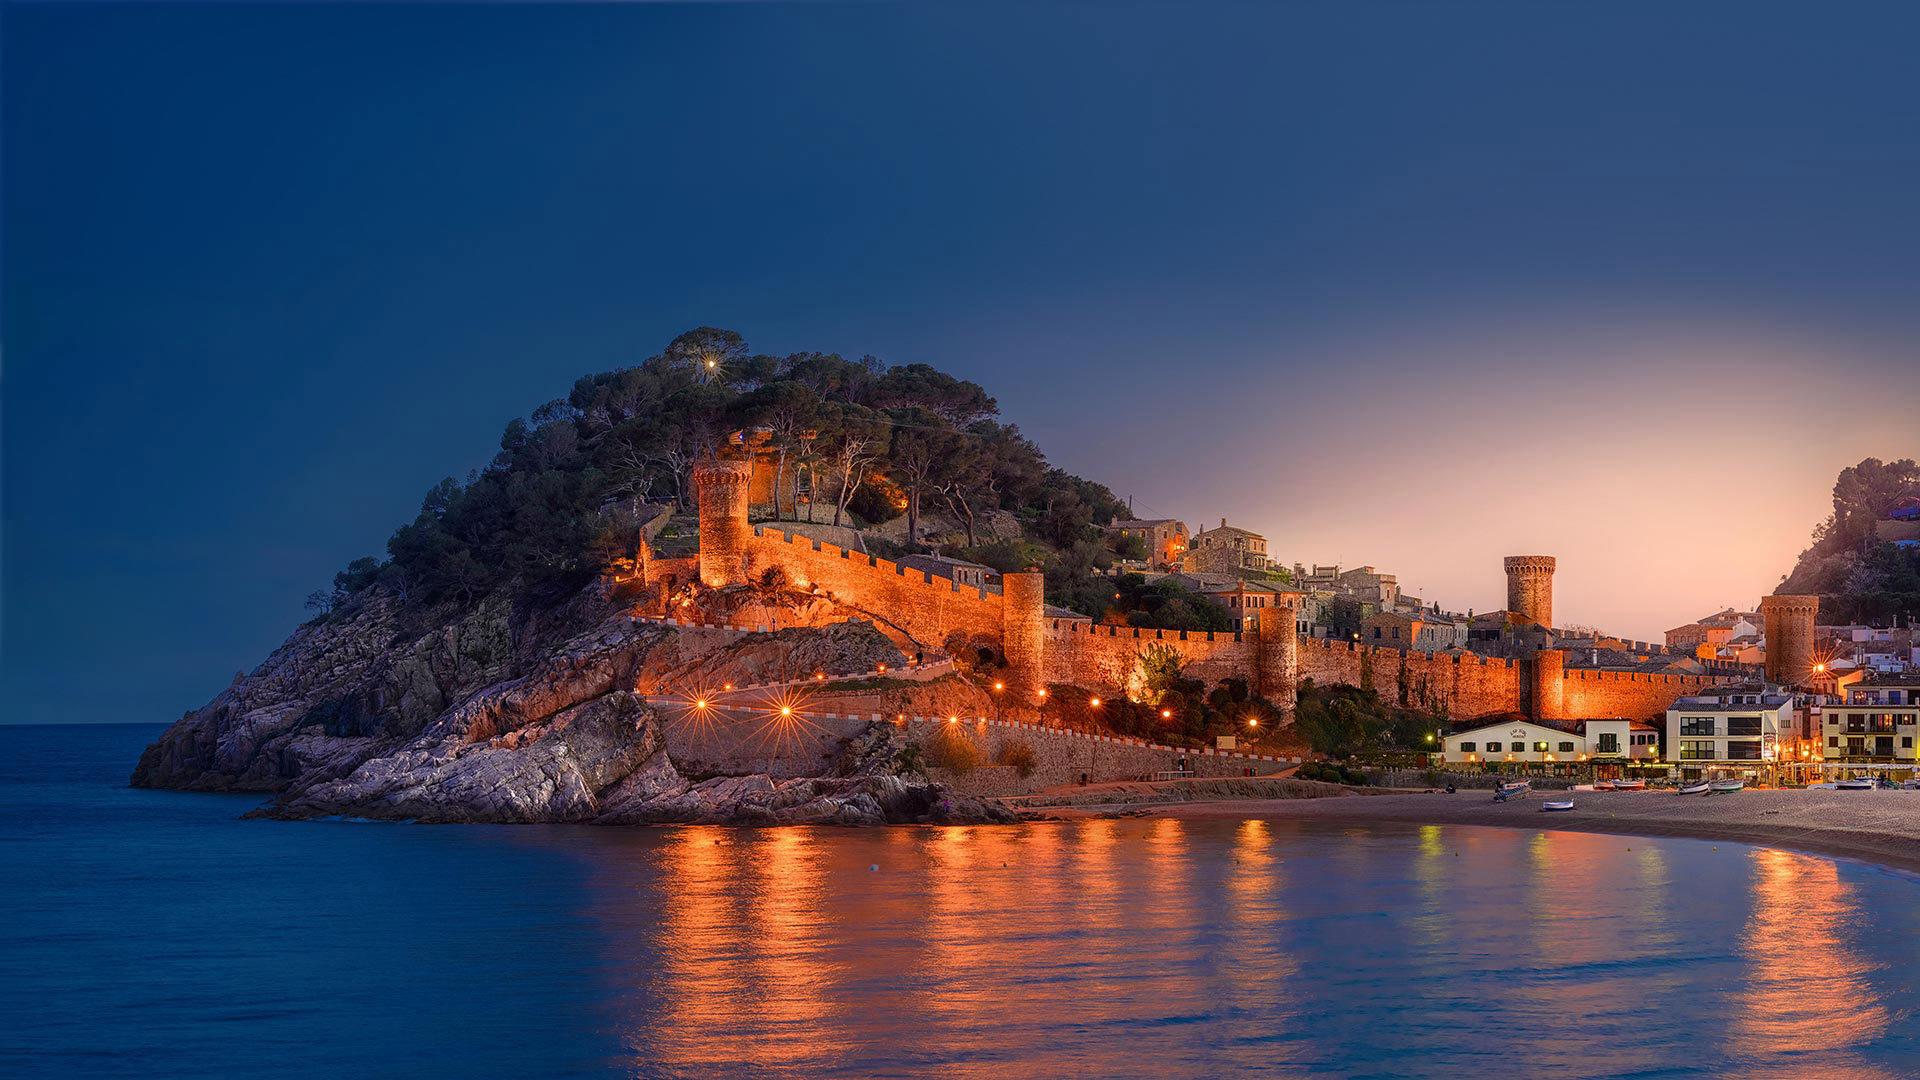 滨海托萨,由中世纪的城墙包围着的市镇滨海托萨